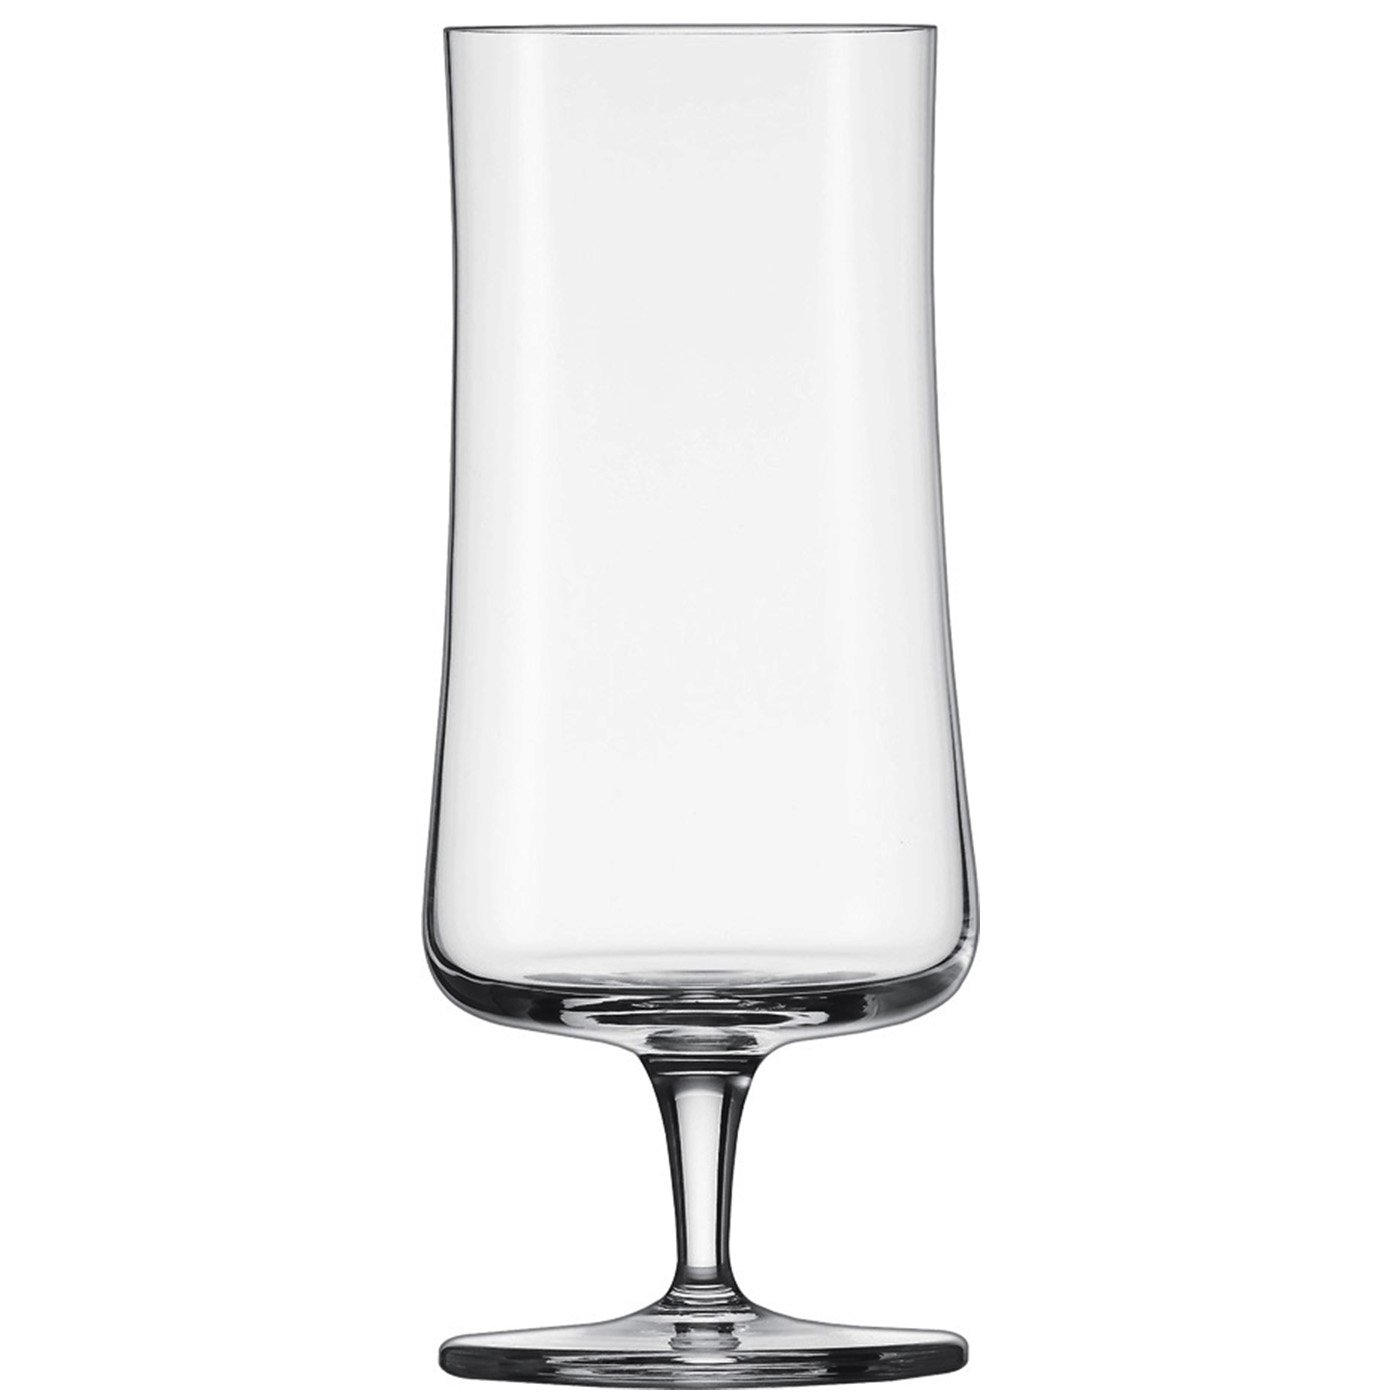 Schott Zwiesel Tritan Crystal Glass Pilsner Beer Glass, Set of 6